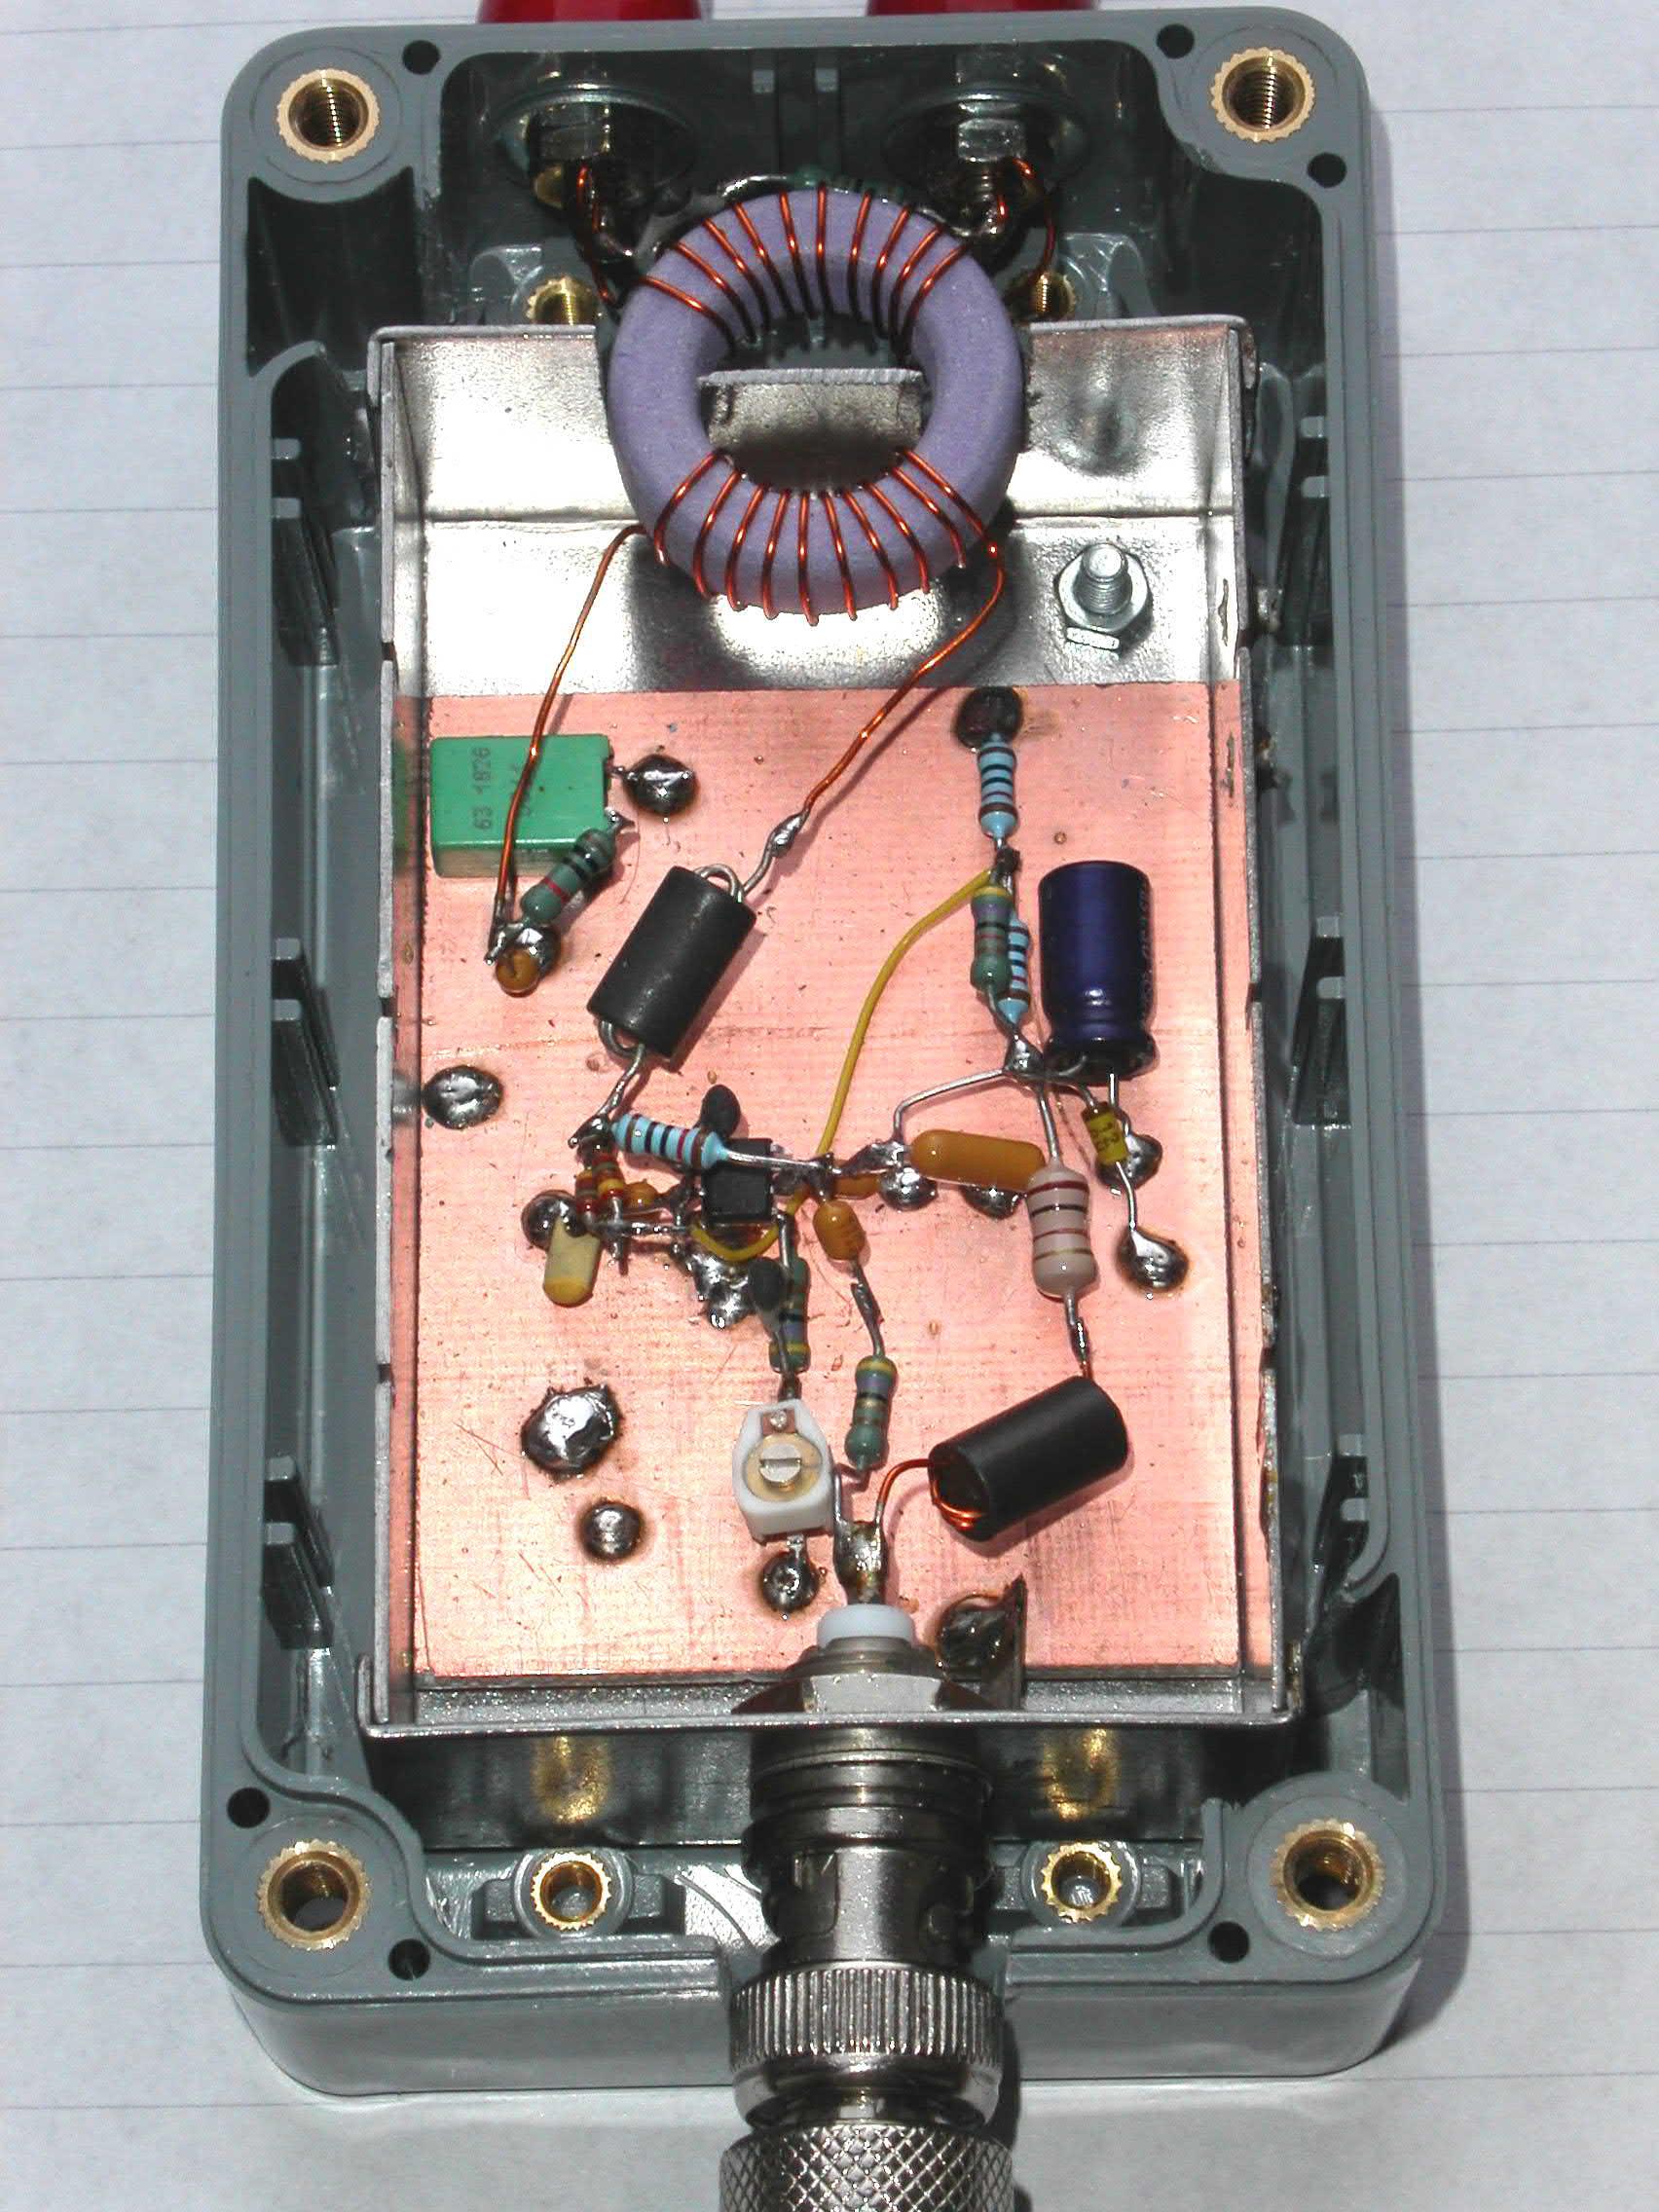 Single chip amplifier